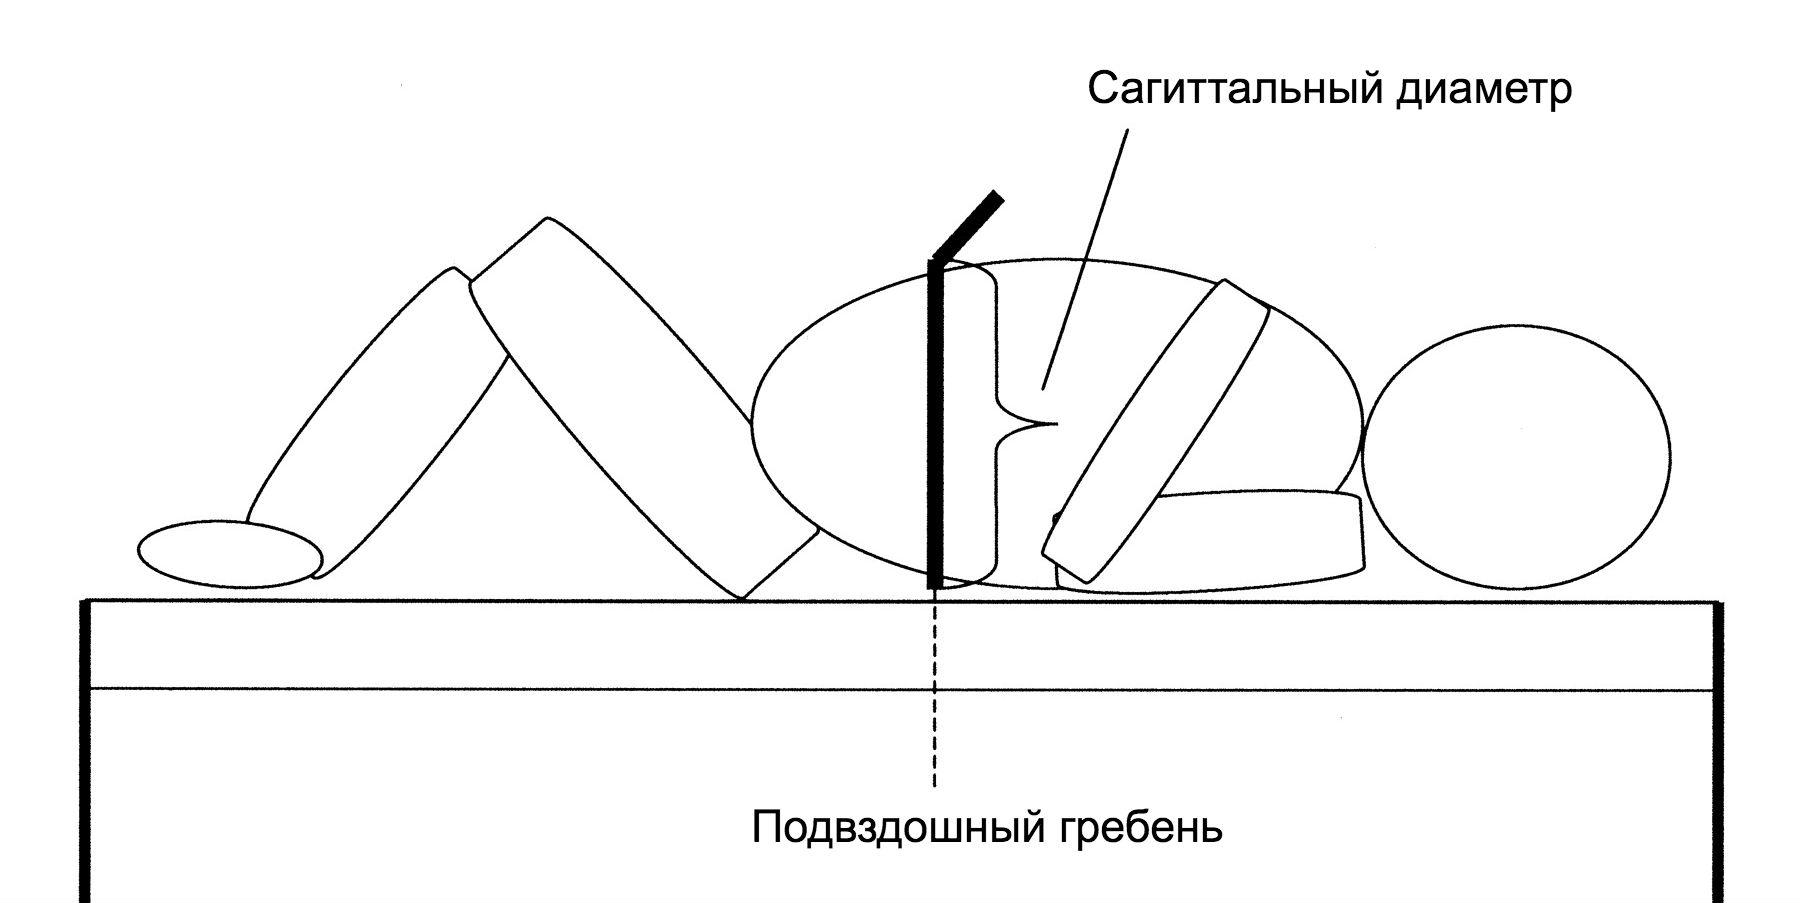 Висцеральный жир. Сагиттальный диаметр